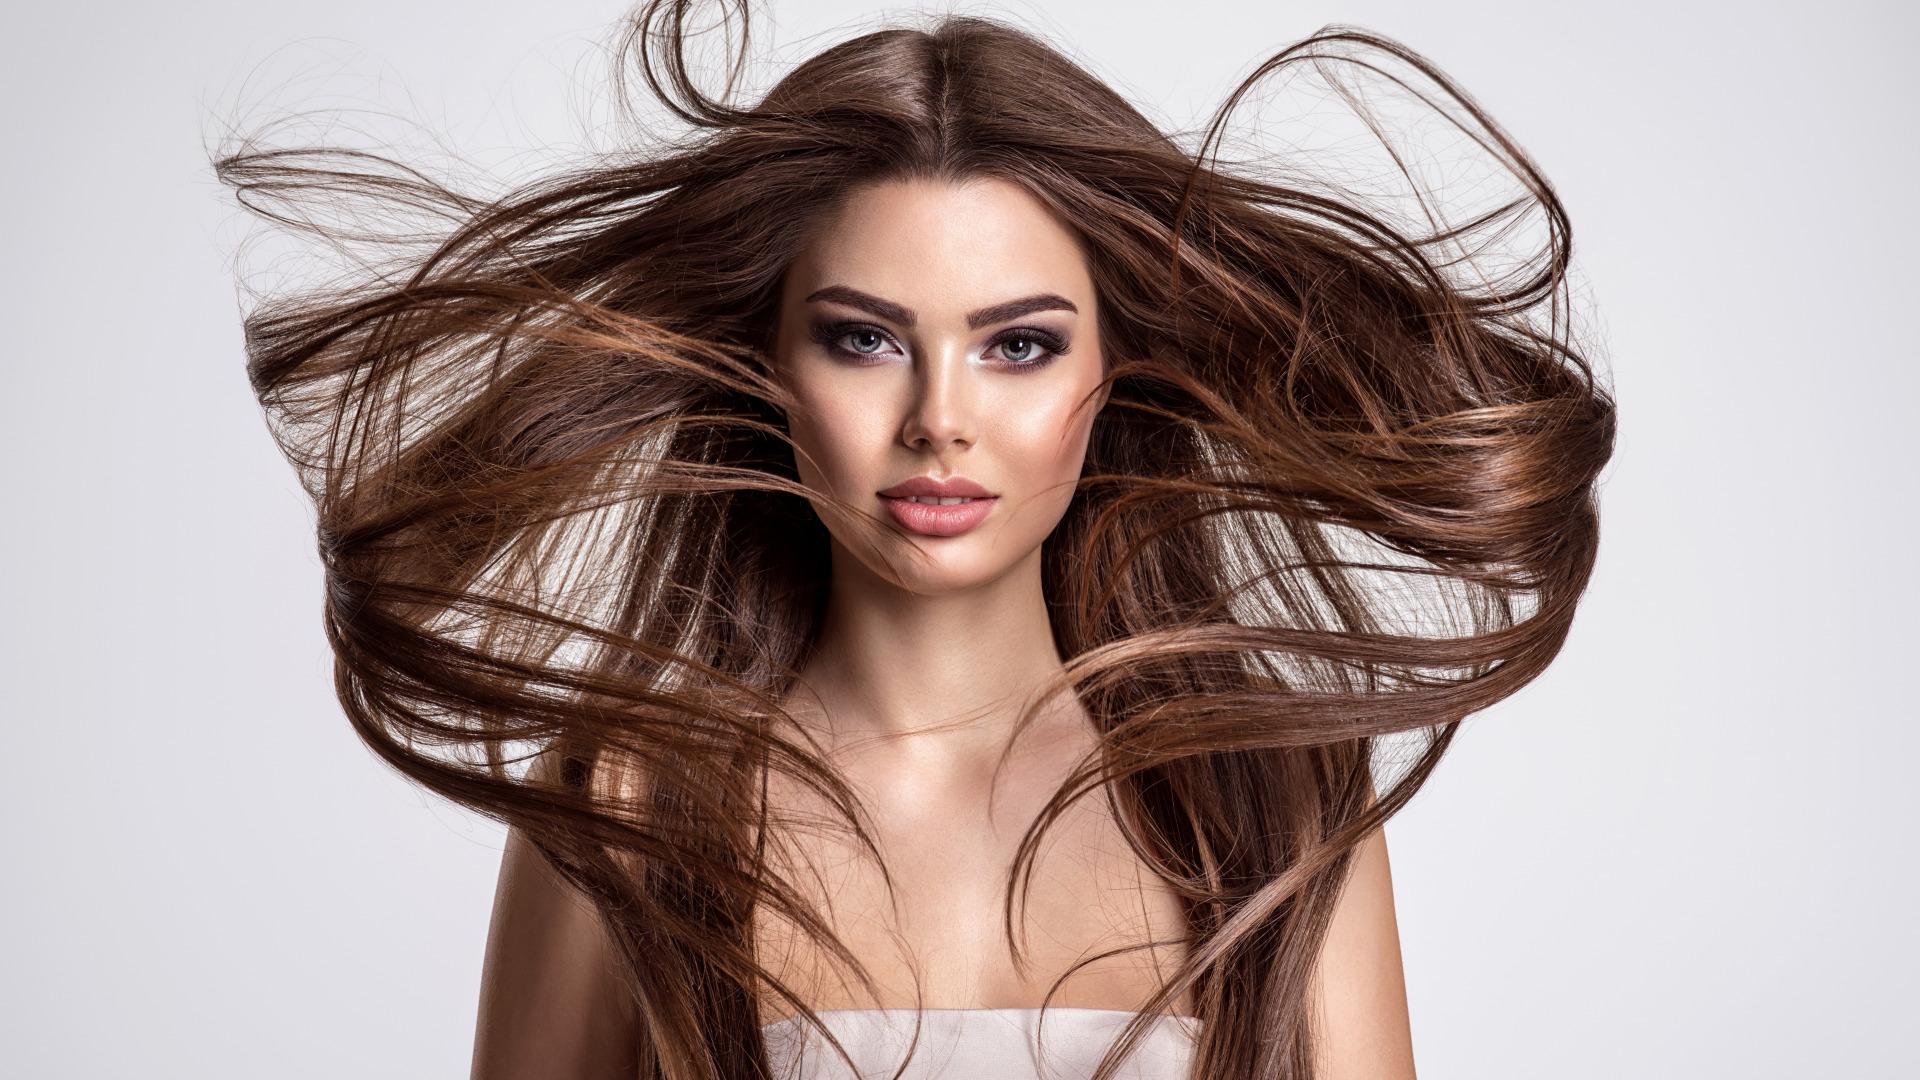 بوتاکس مو یا پروتئین تراپی